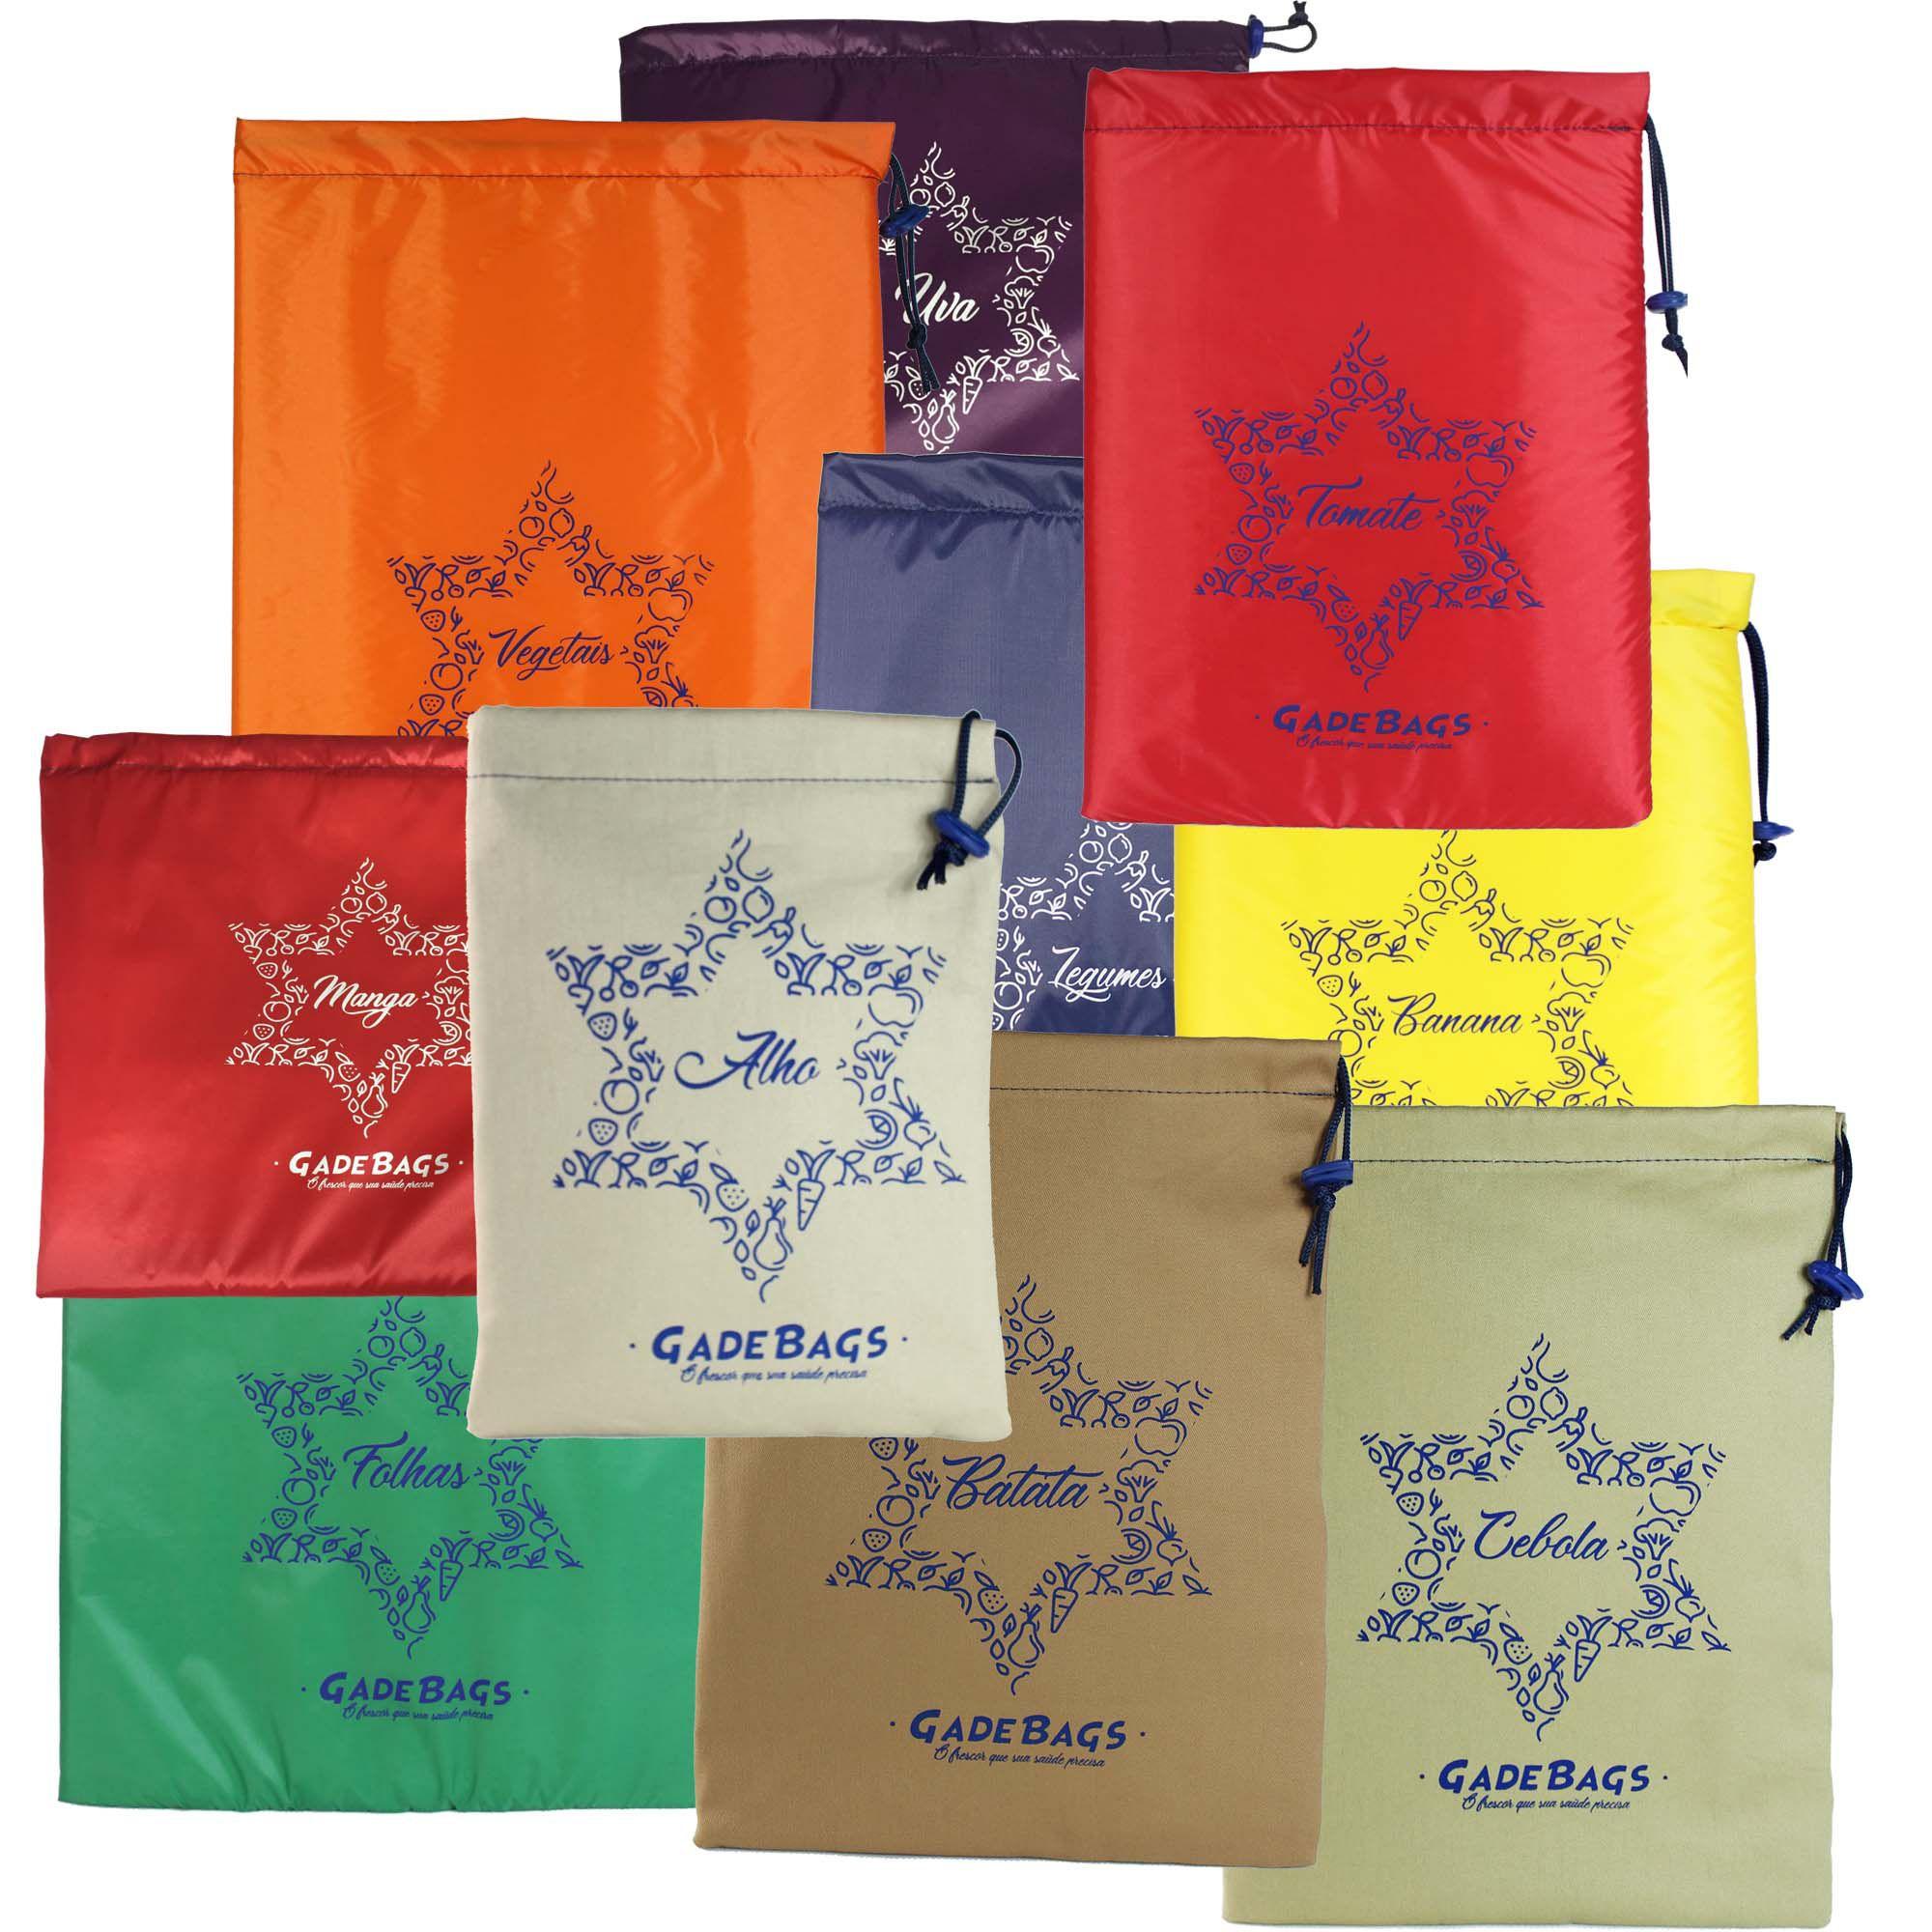 KIT 10 peças de sacos térmicos para alimentos